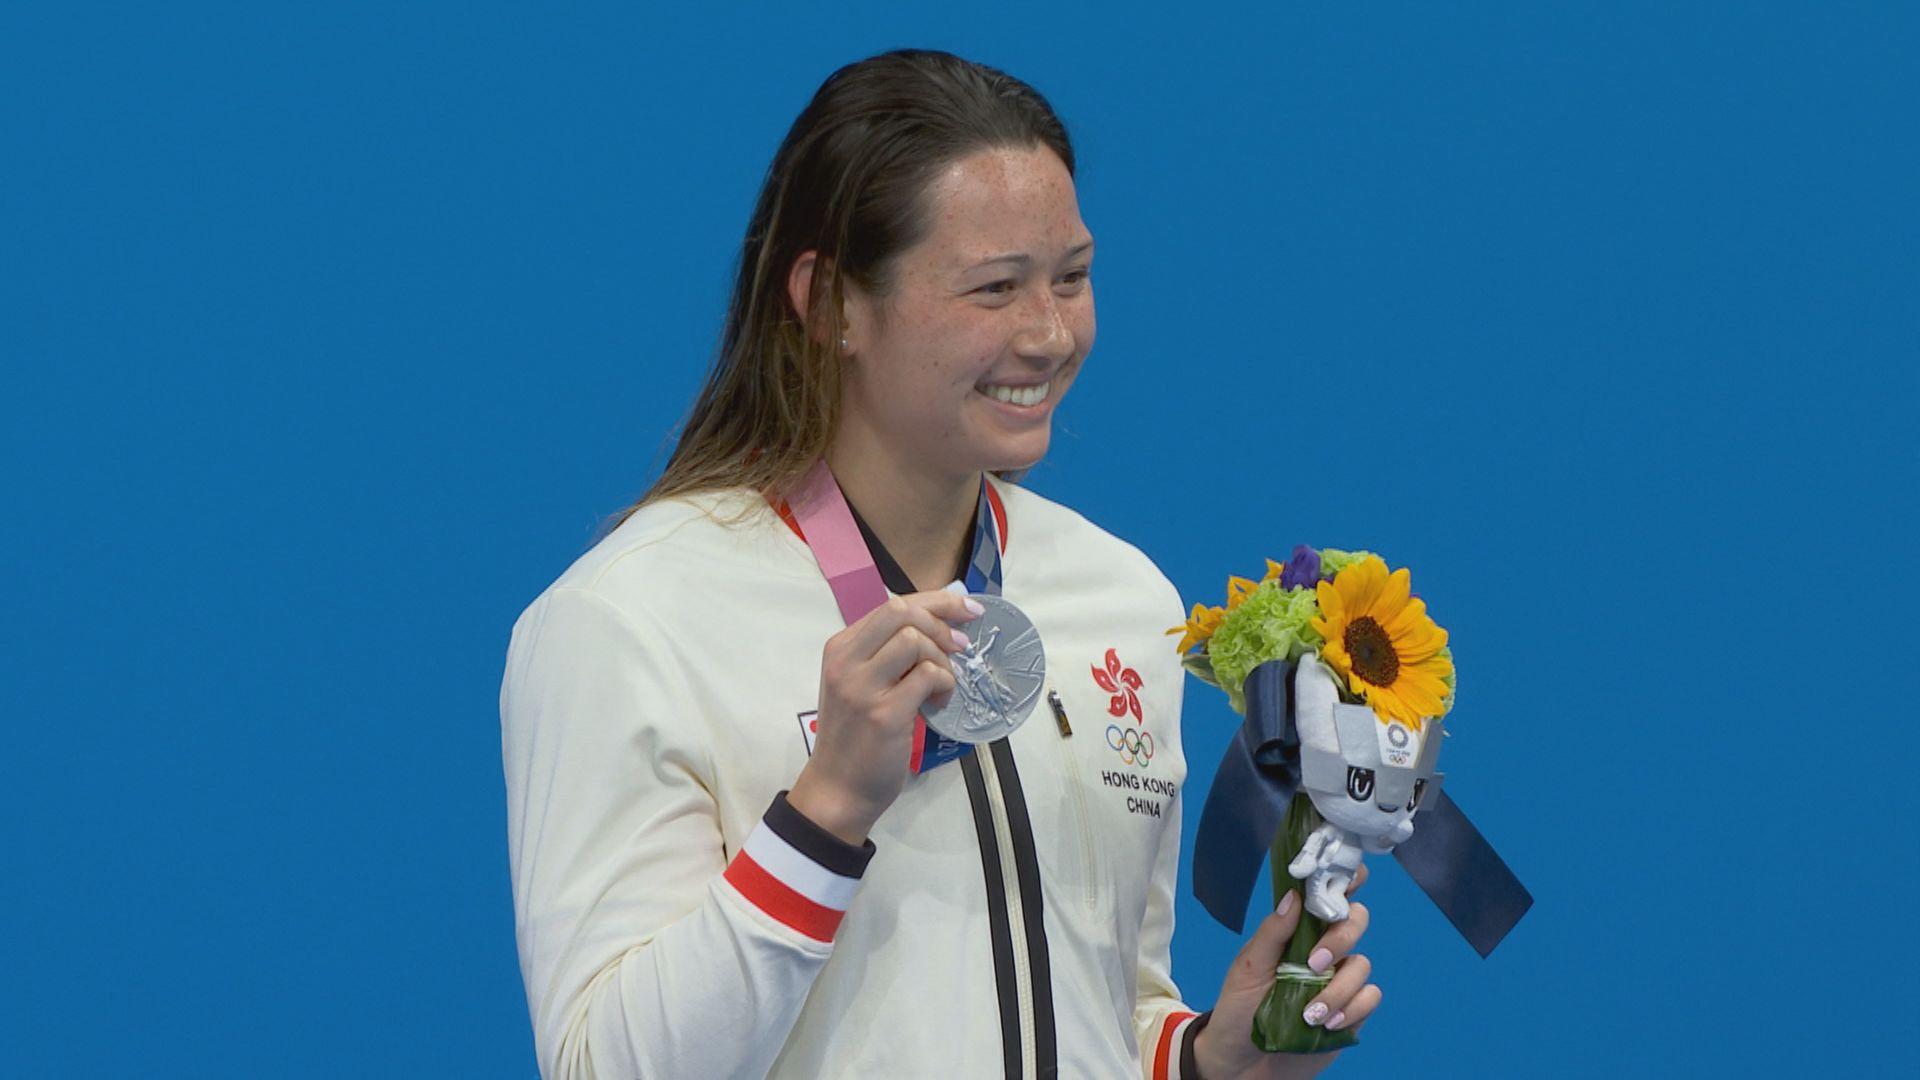 何詩蓓100米自由泳奪銀 個人已取兩面奧運銀牌